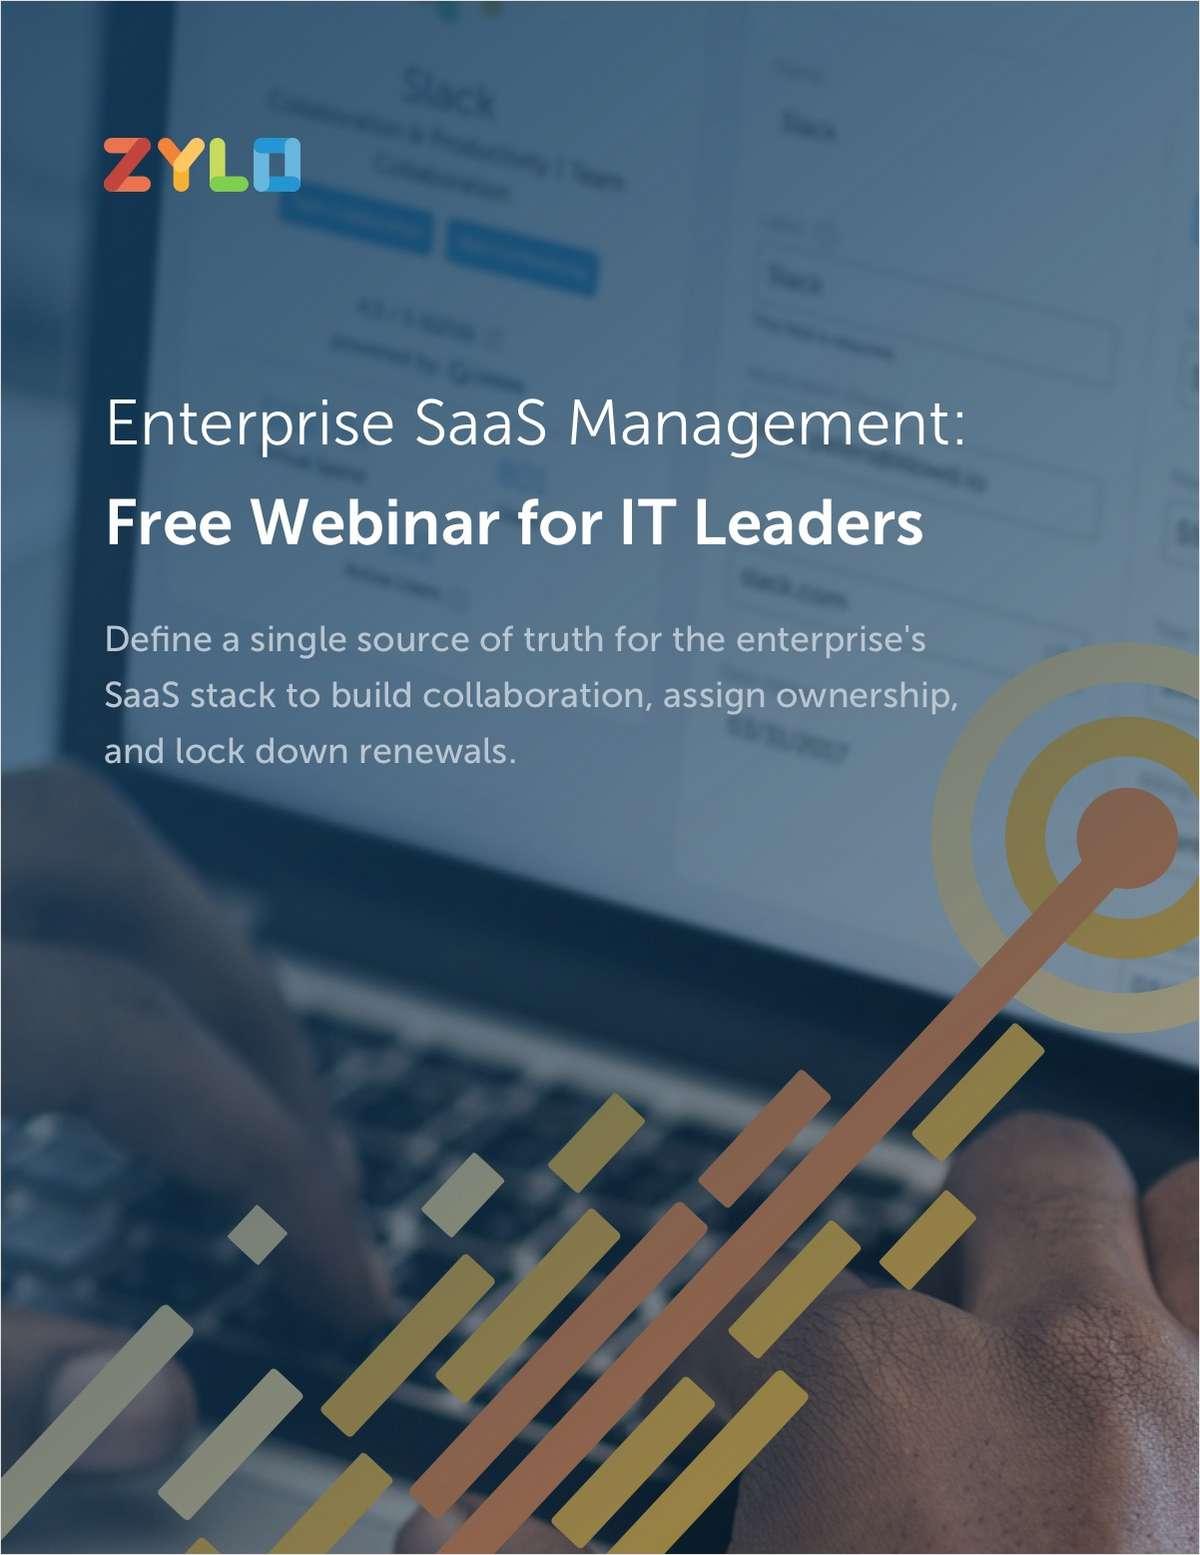 Enterprise SaaS Management: Eliminate Shadow IT